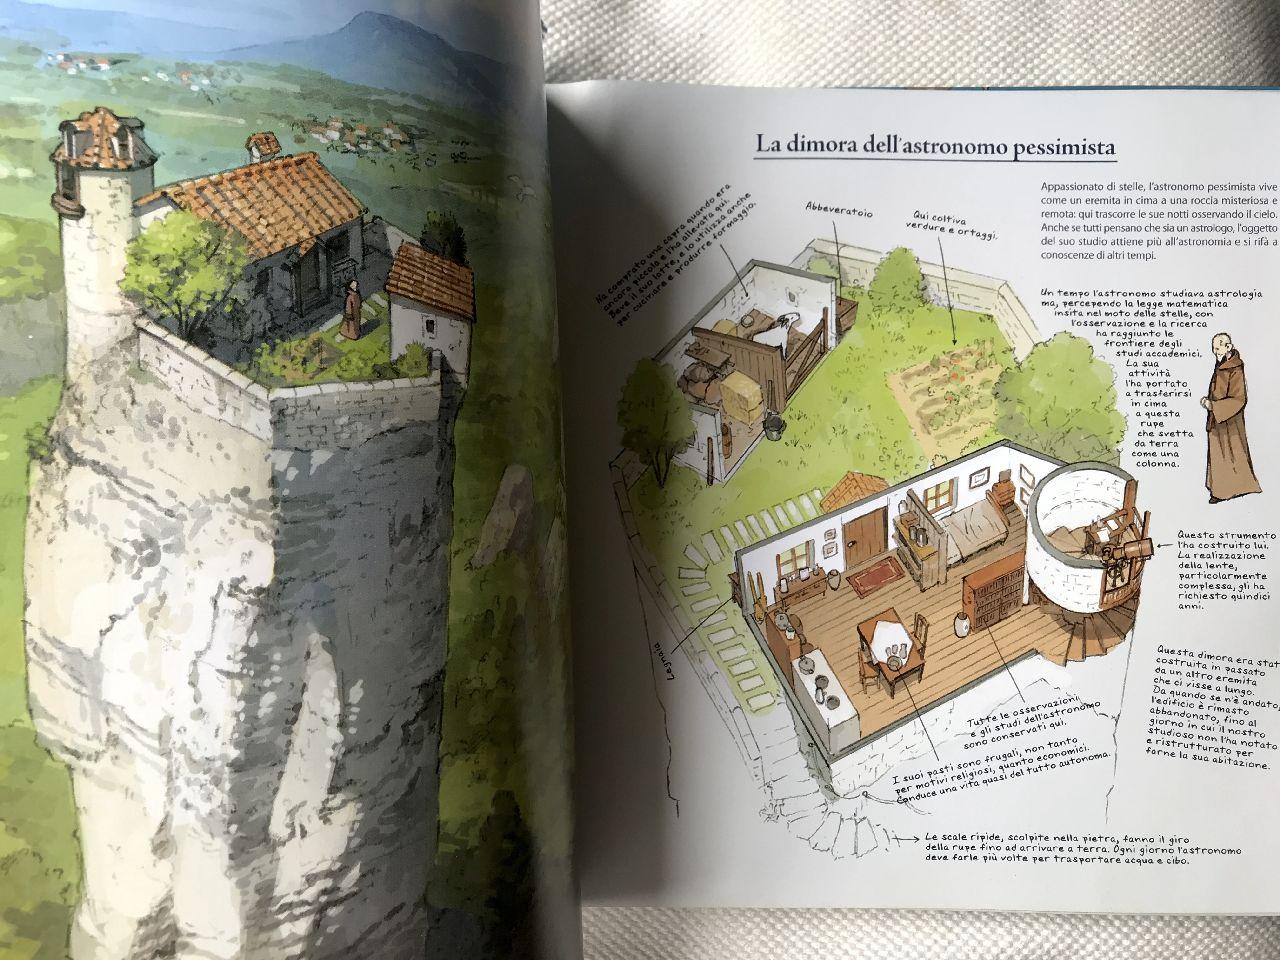 Seiji Yoshida, Il libro delle case straordinarie, L'ippocampo